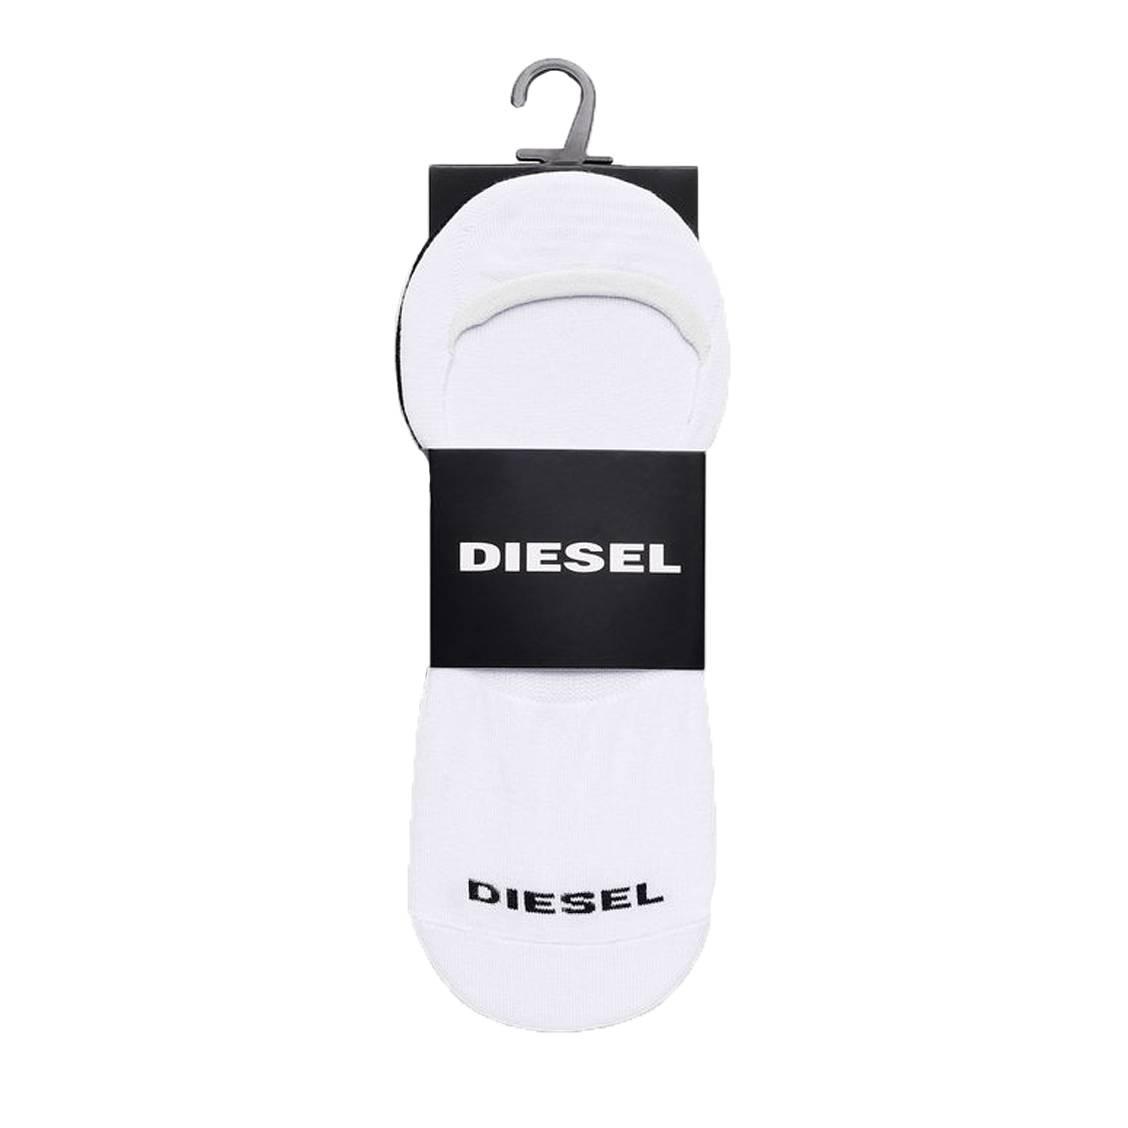 Lot de 2 chaussettes invisibles diesel noshow en coton stretch blanc et noir